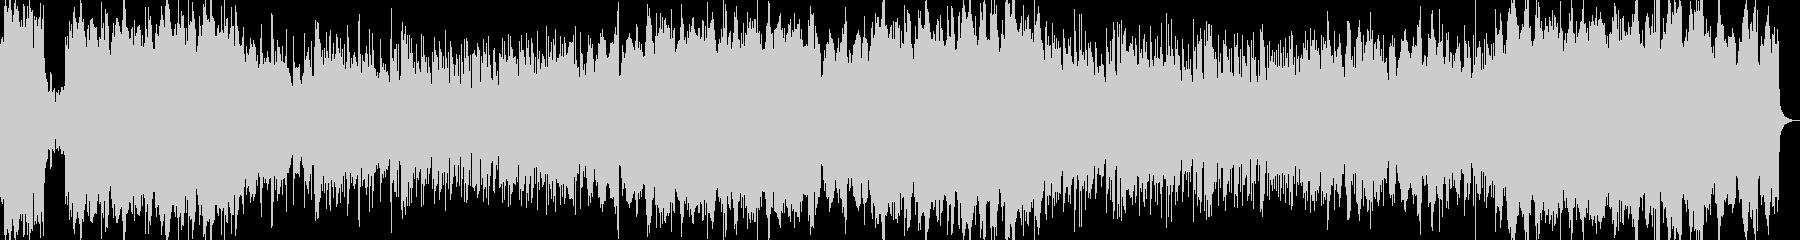 オーケストラ硝子シャンデリア優しいワルツの未再生の波形